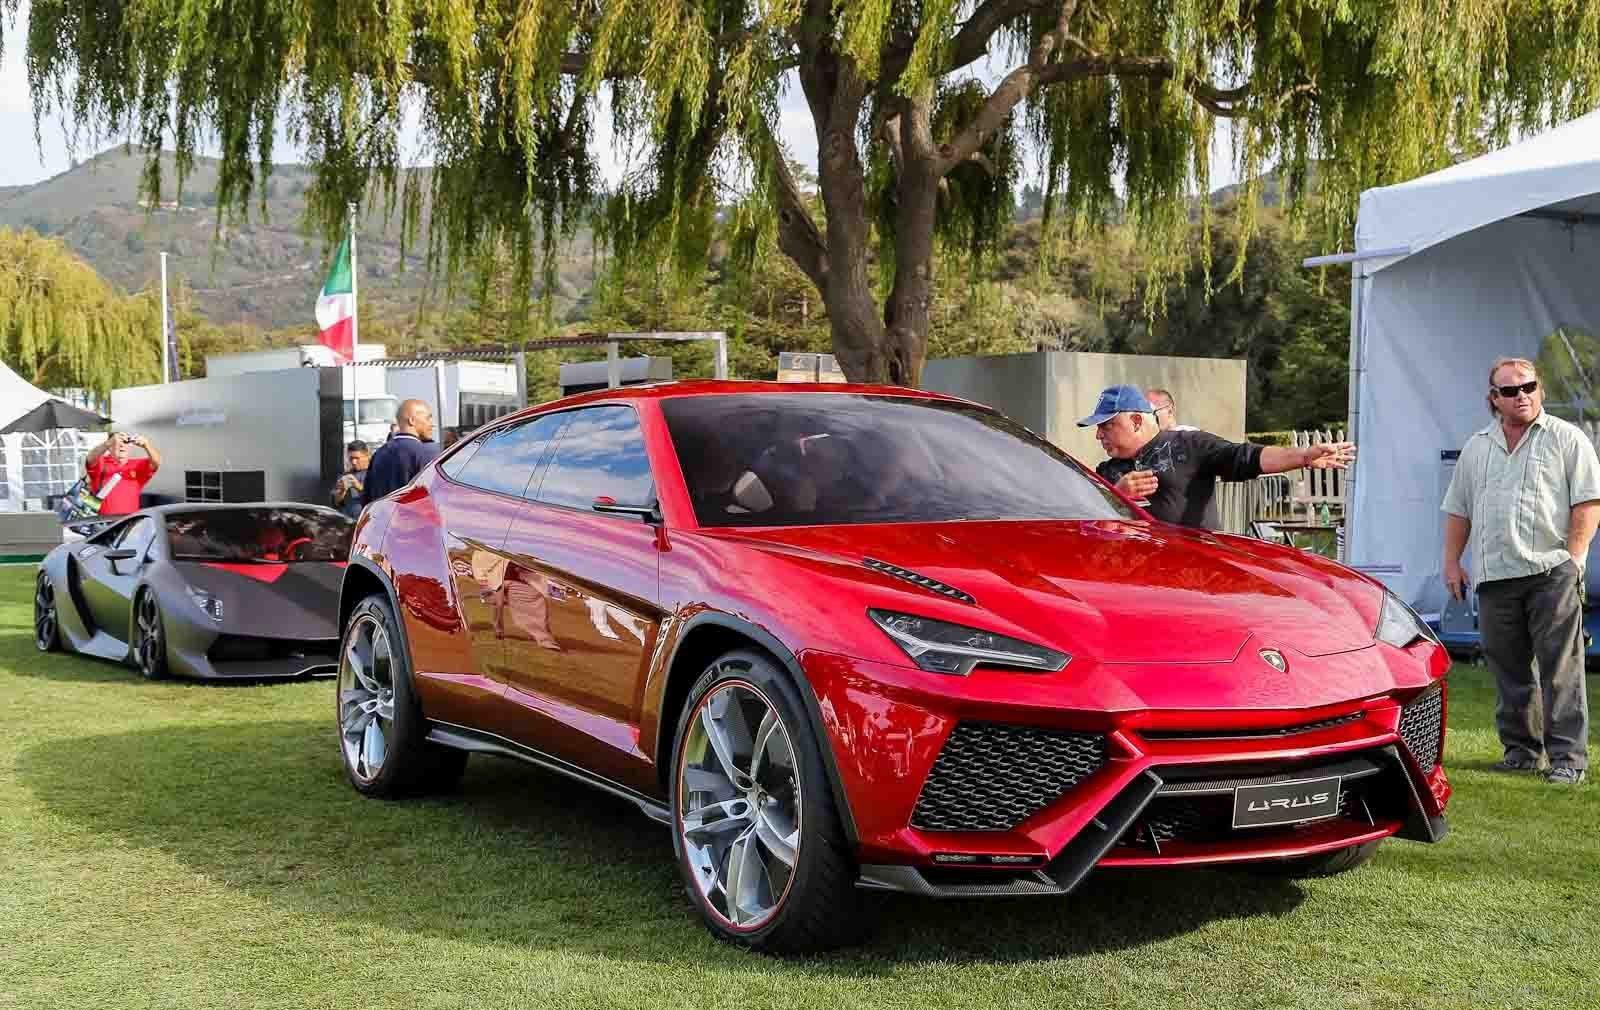 Lamborghini Urus  Car Pictures, Images – GaddiDekho.com